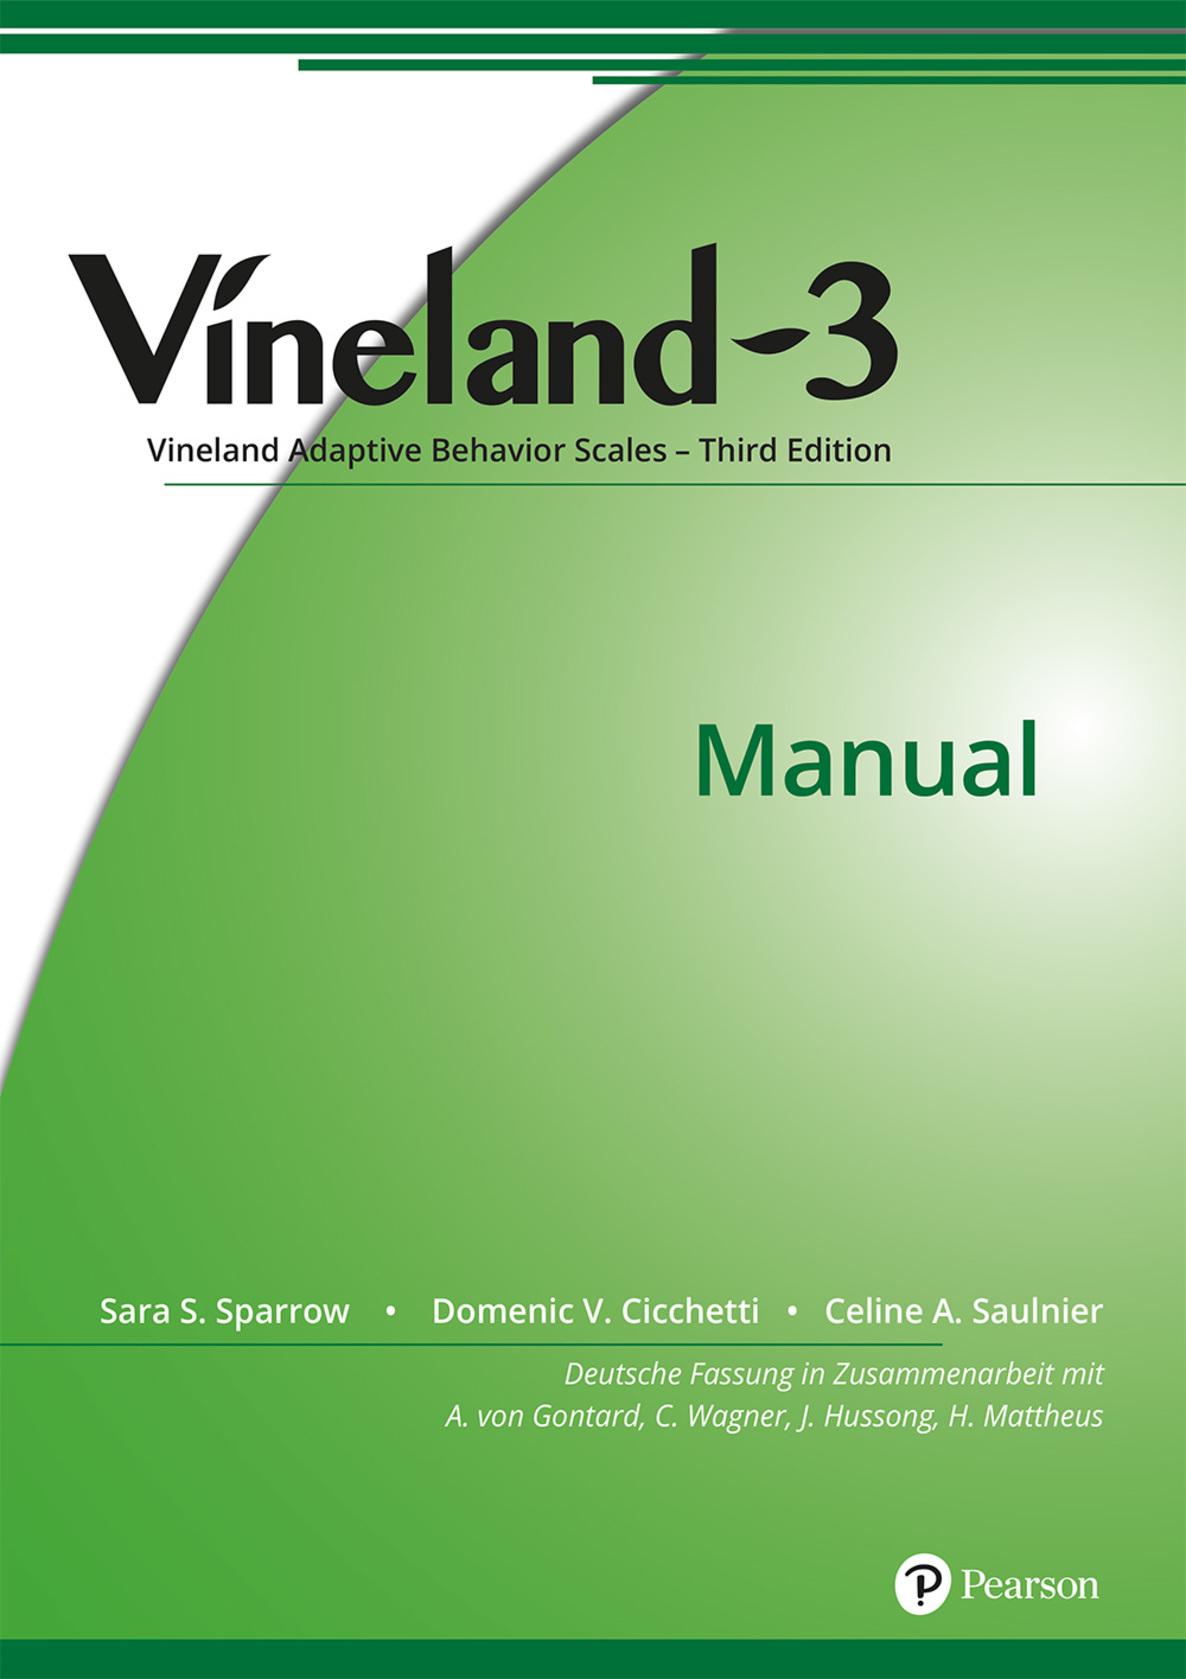 Gesamtsatz bestehend aus: Manual, Ergänzungsmanual, 25 Elternfragebogen Langform, 25 Elternfragebogen Kurzform, 25 Lehrerfragebogen Langform und 25 Lehrerfragebogen Kurzform